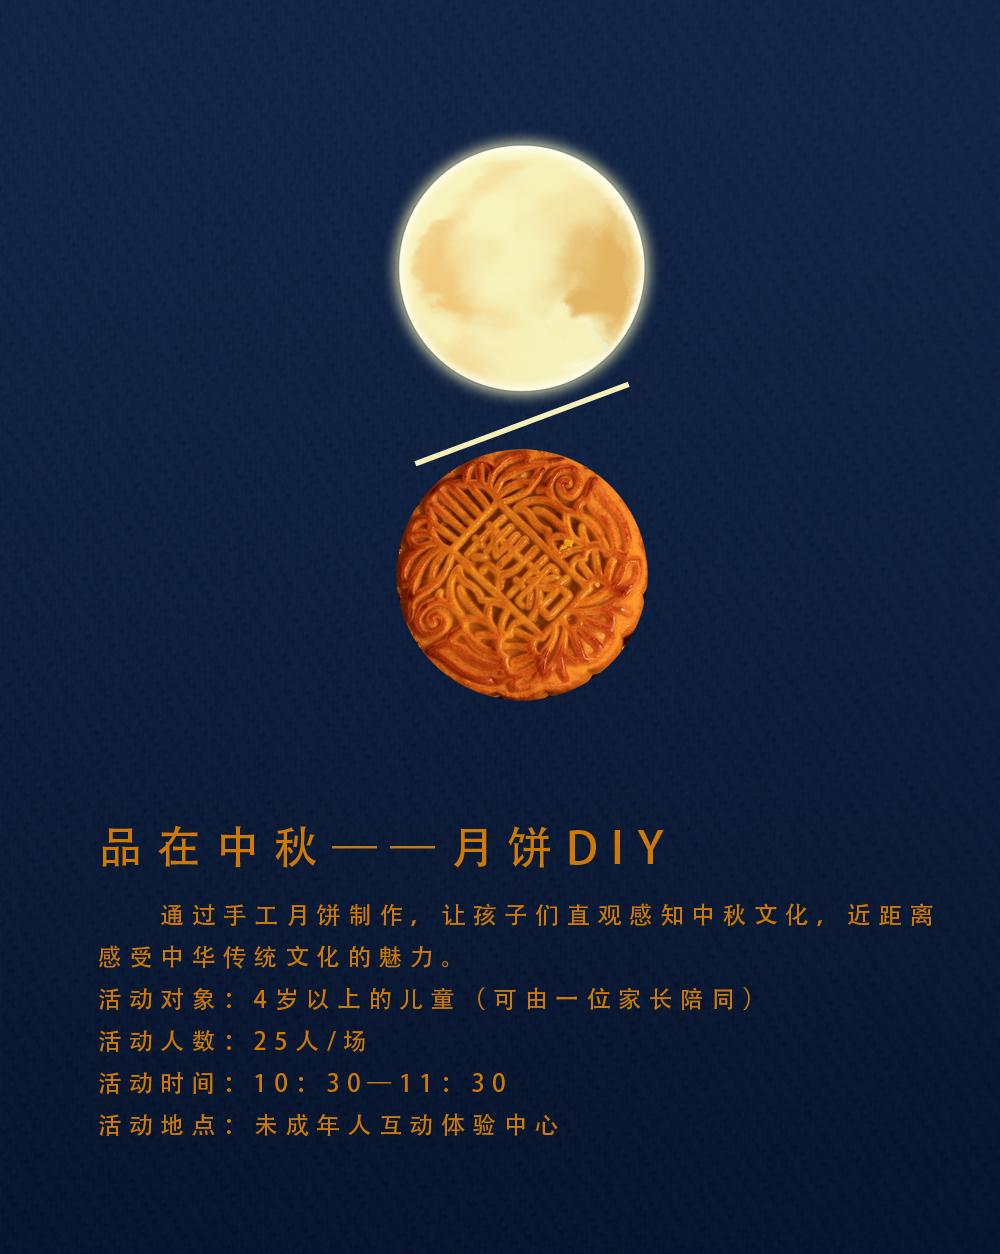 月饼DIY.jpg